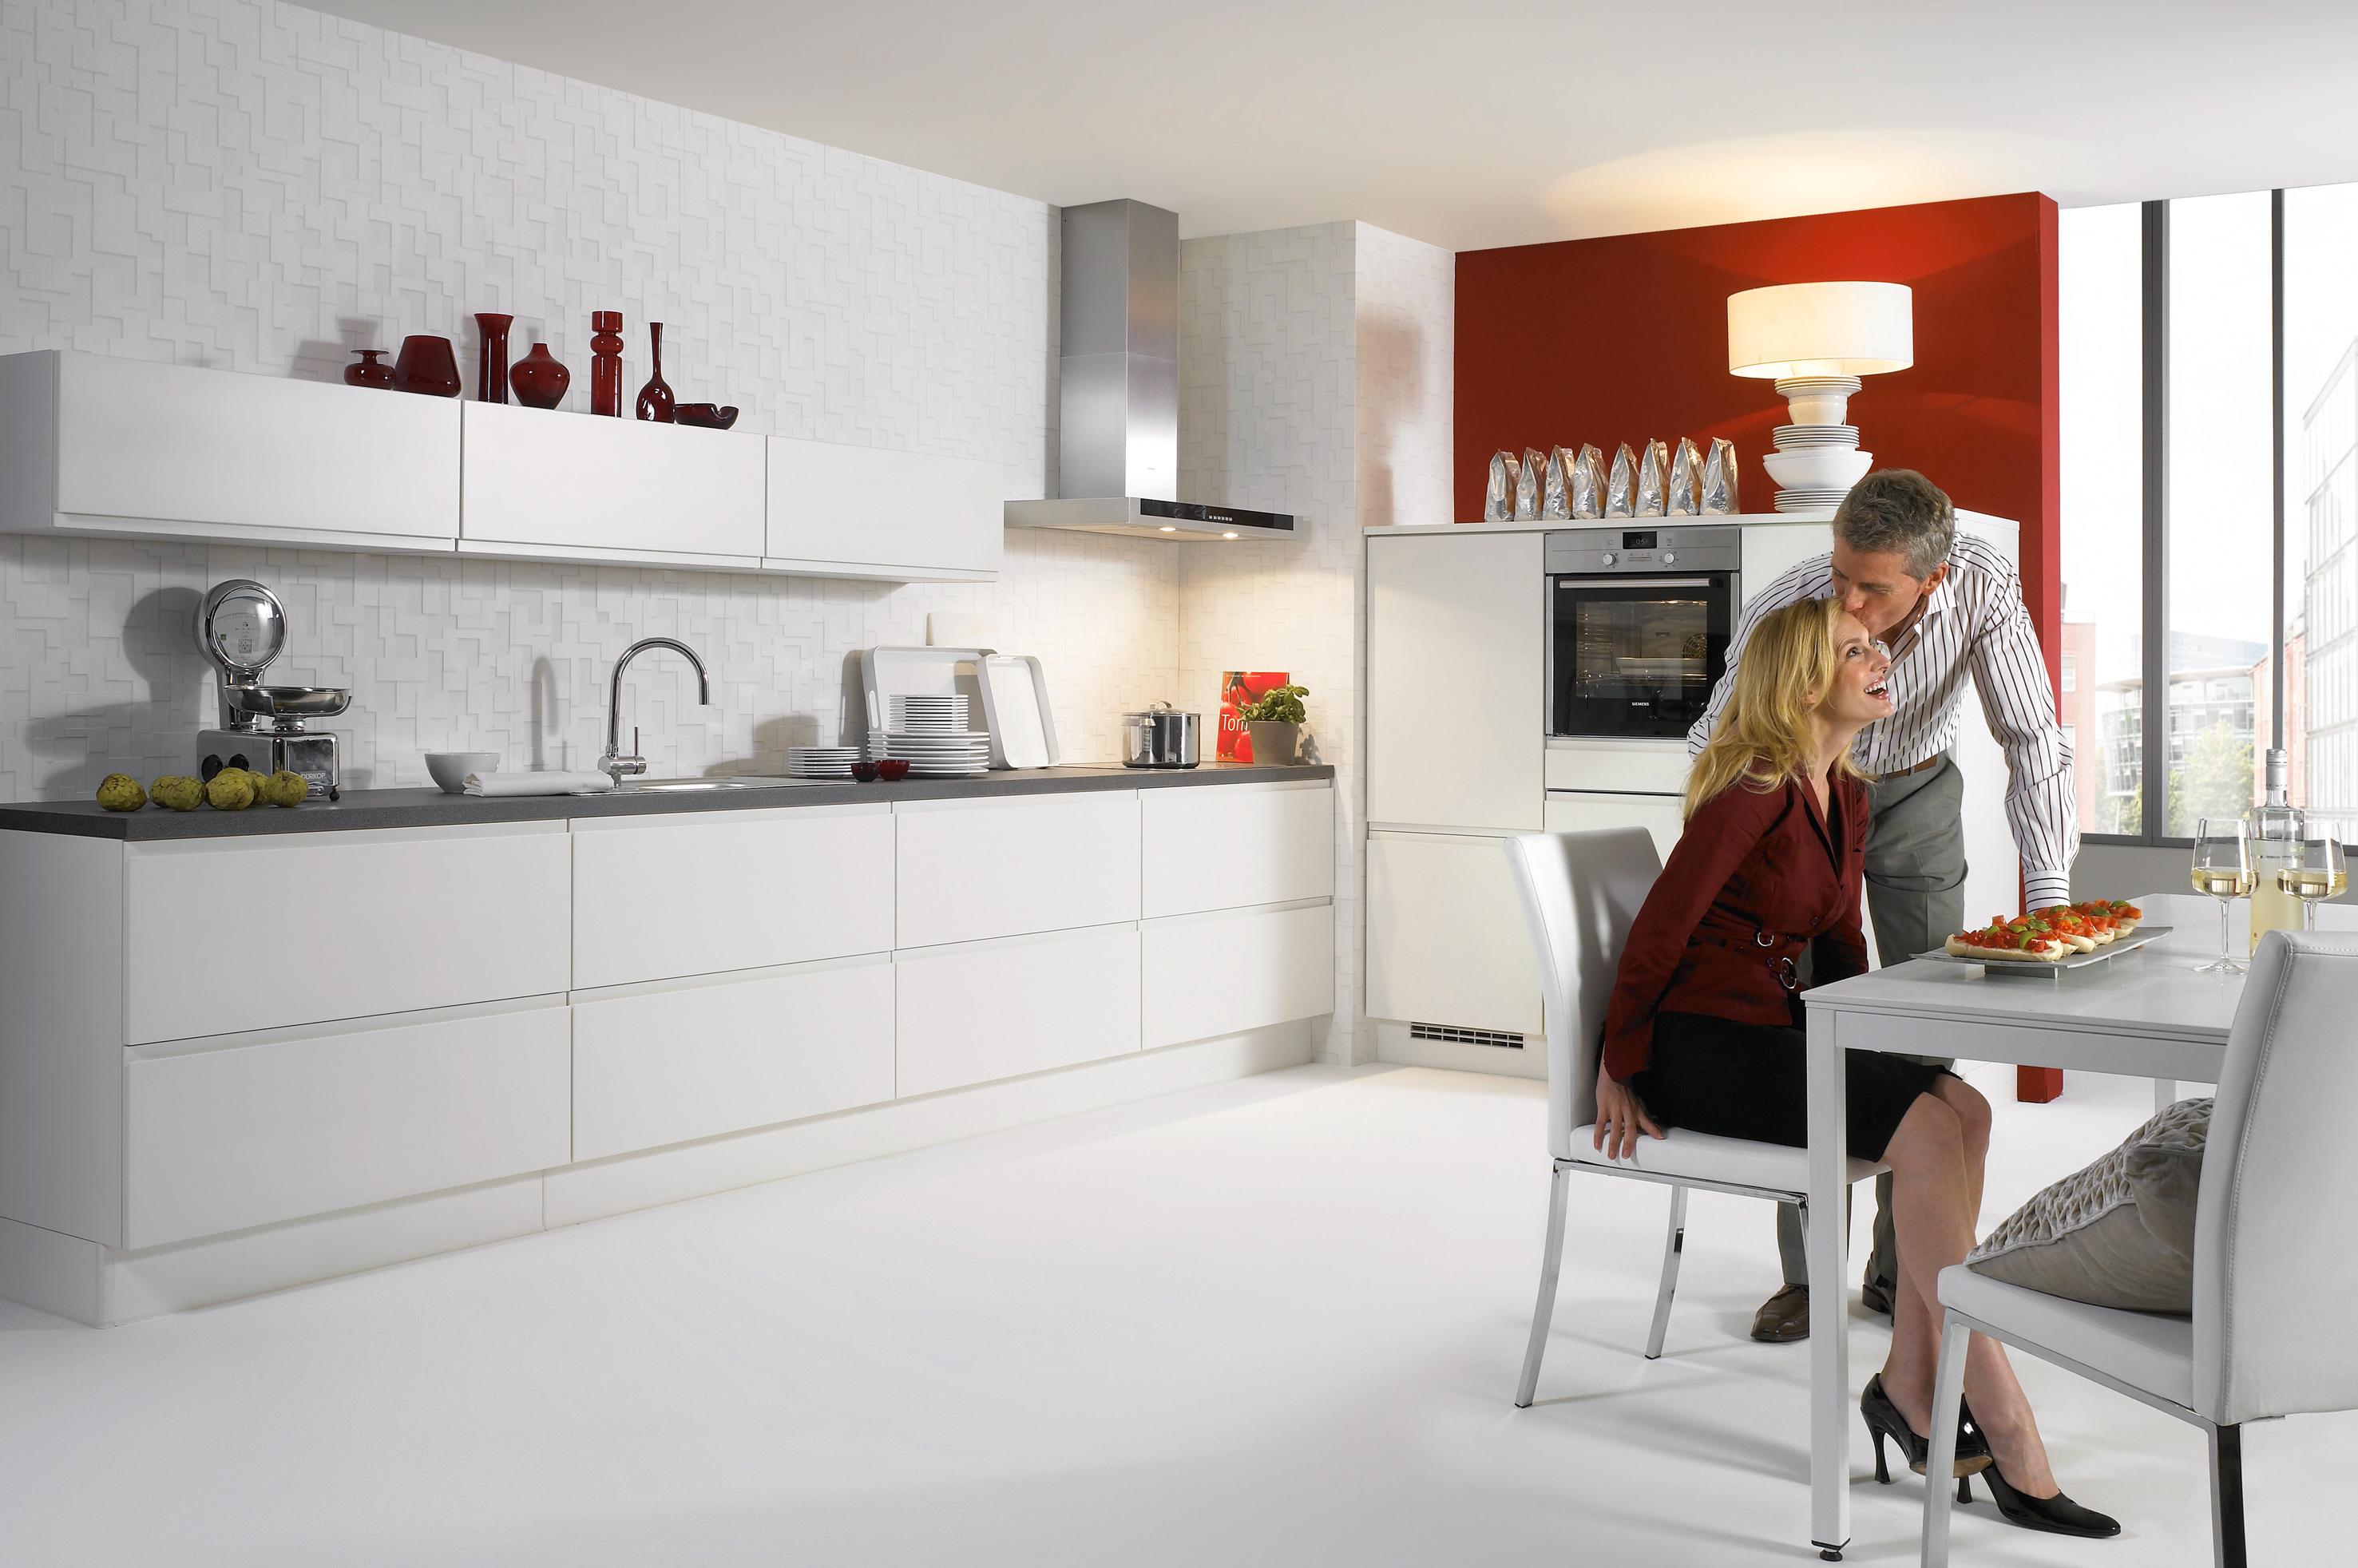 Verliebt in die Küche – Küchen im Romantik-Stil einrichten - Küche&Co